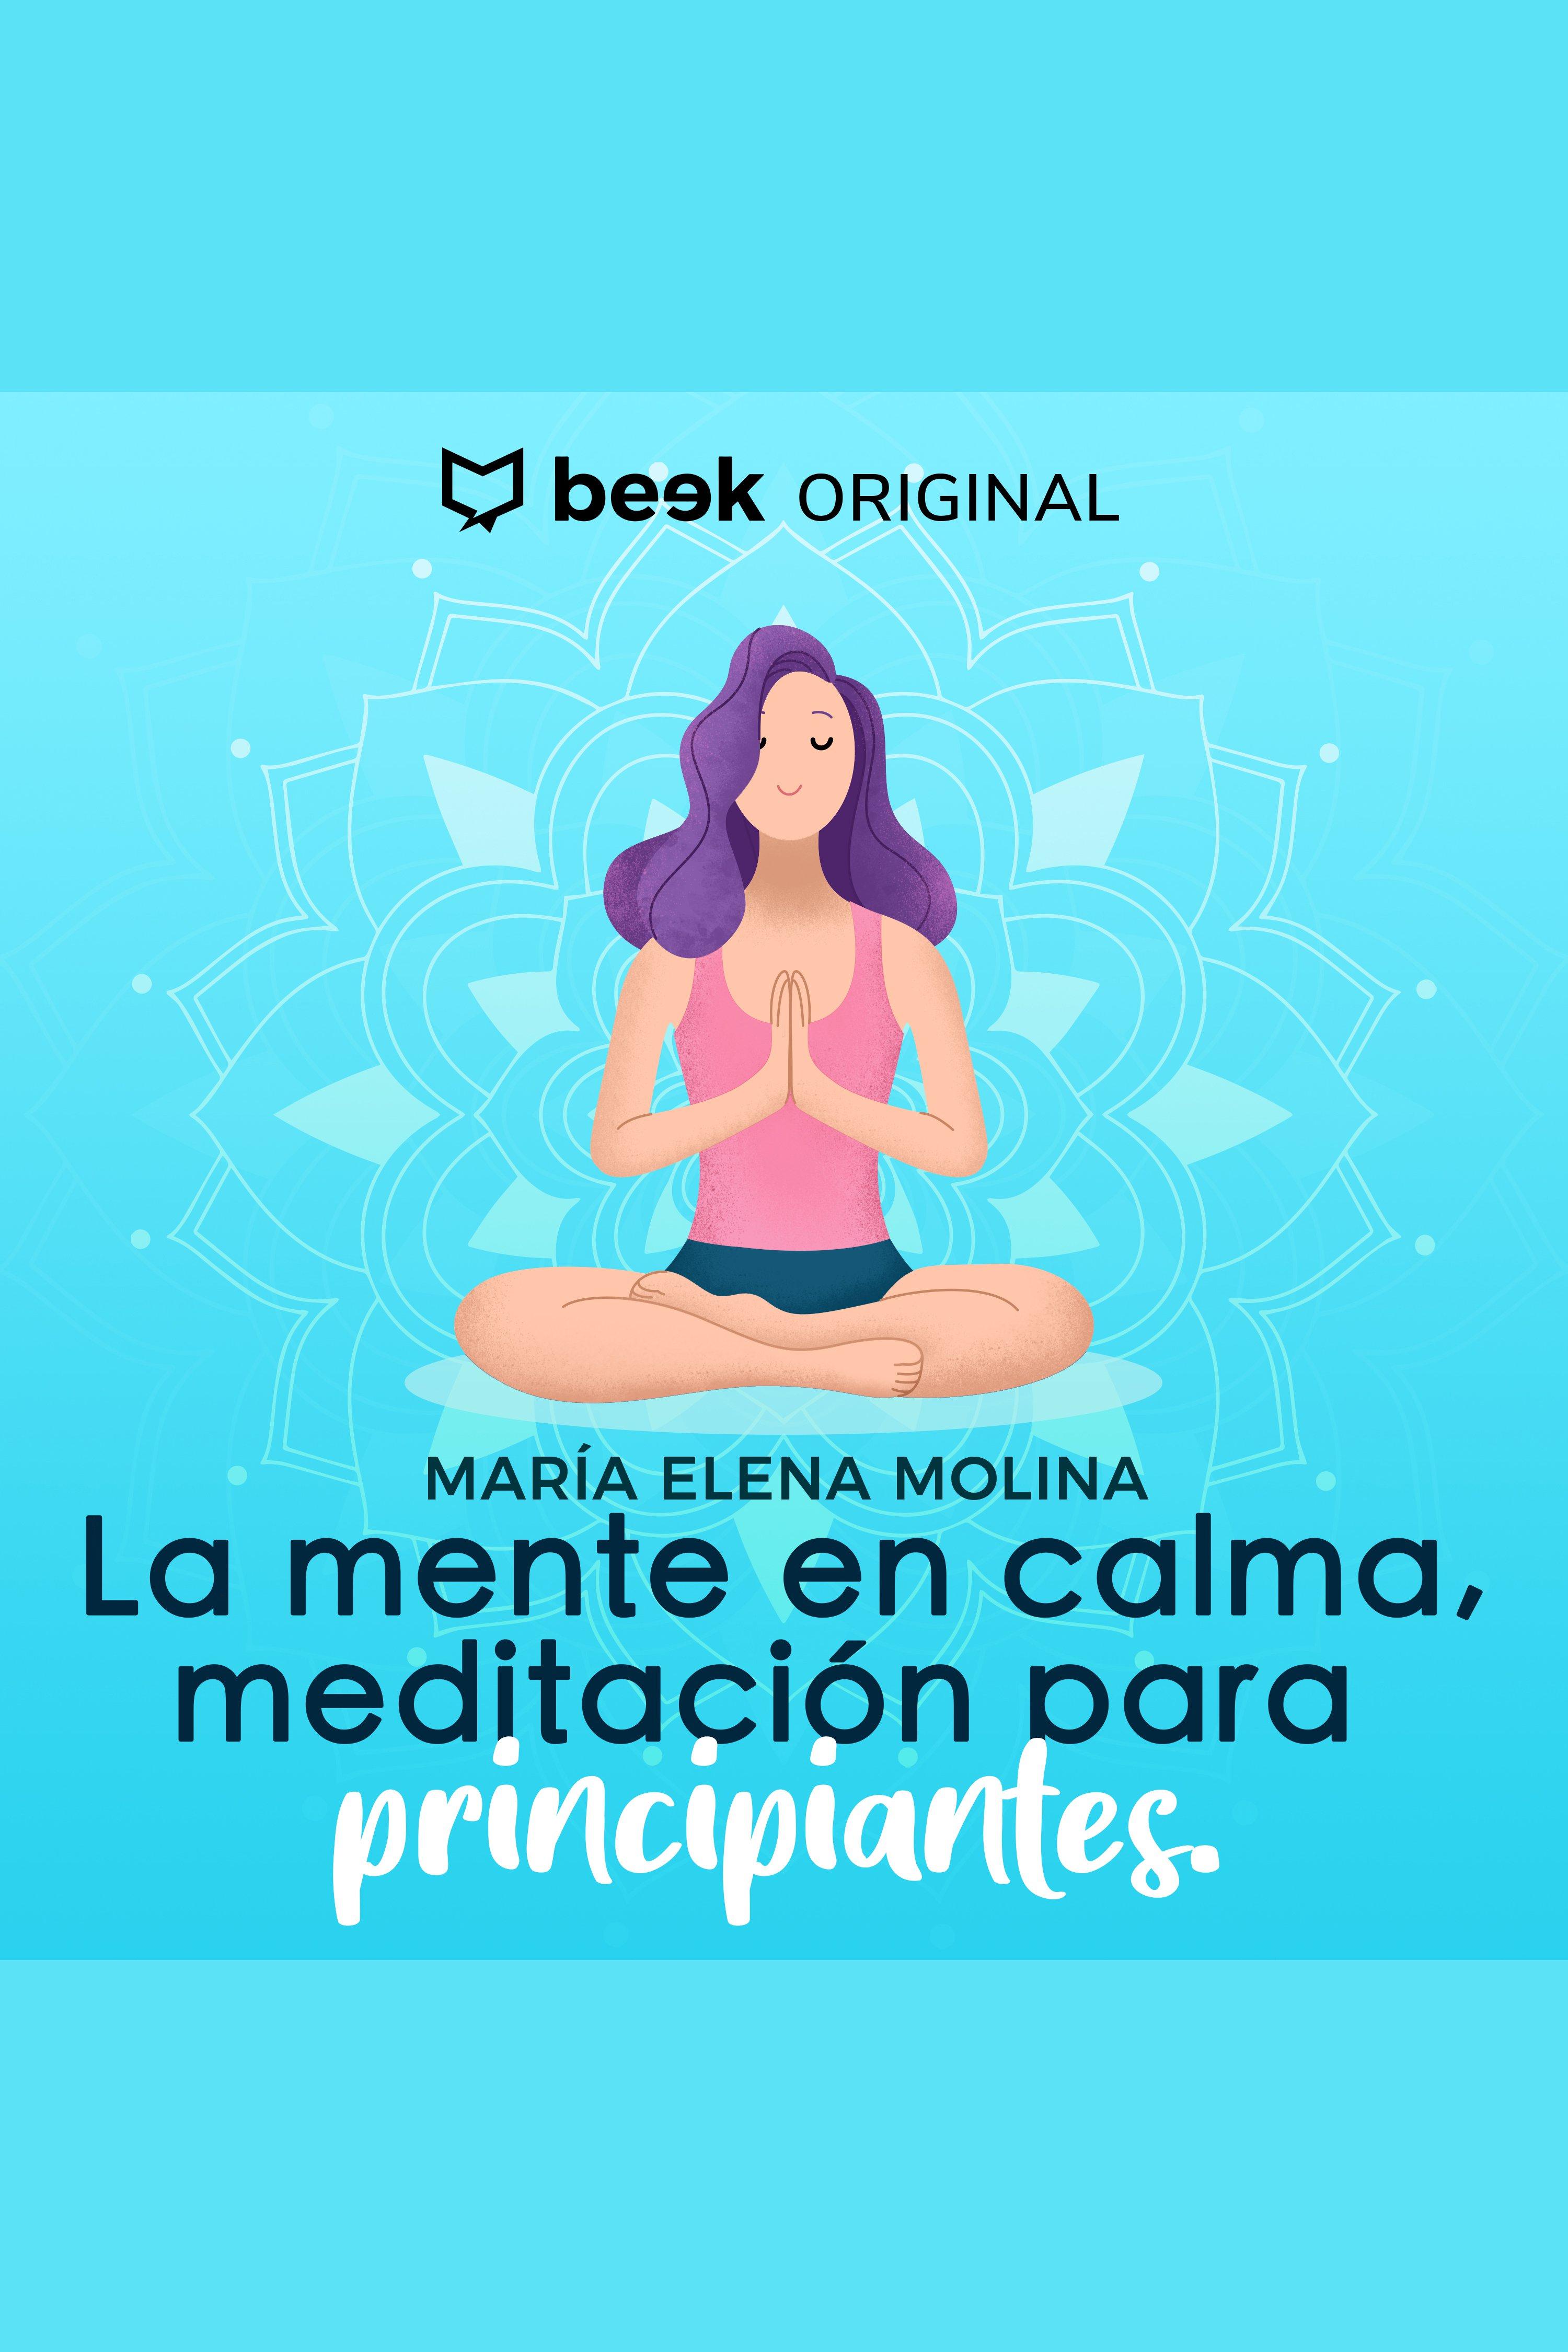 Esta es la portada del audiolibro La mente en calma, meditación para principiantes